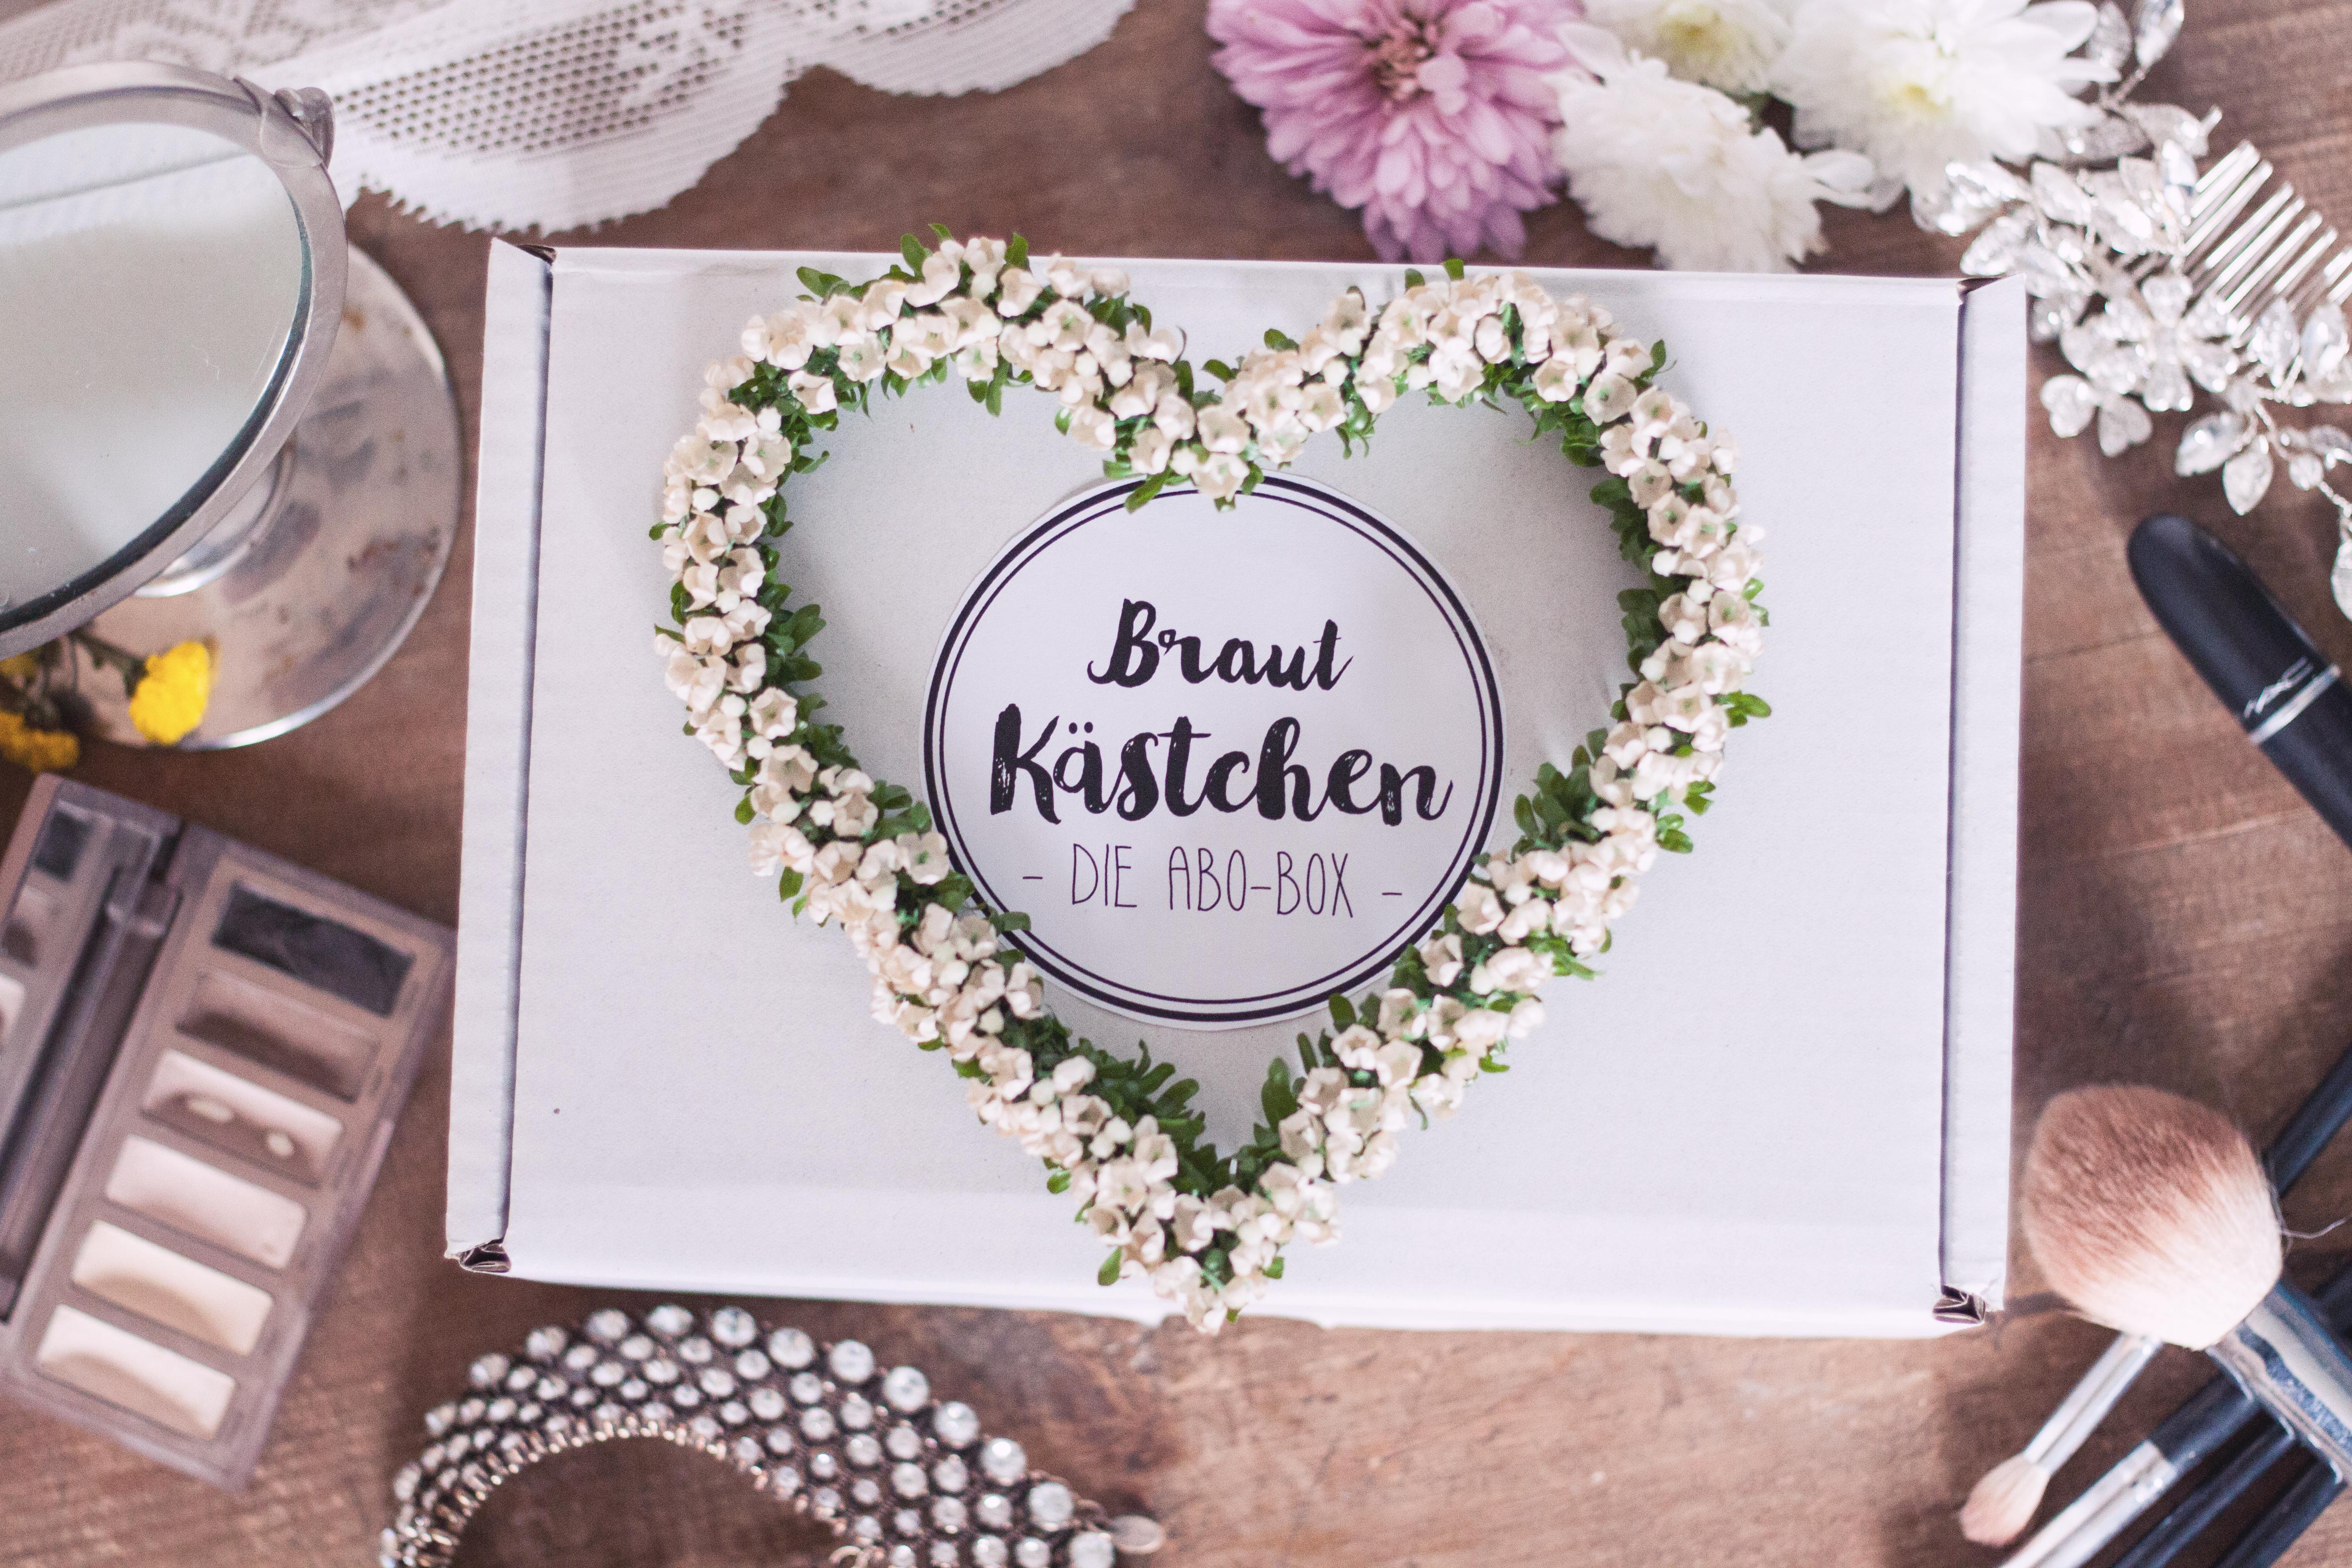 Brautkästchen - die Abo-Box für Bräute